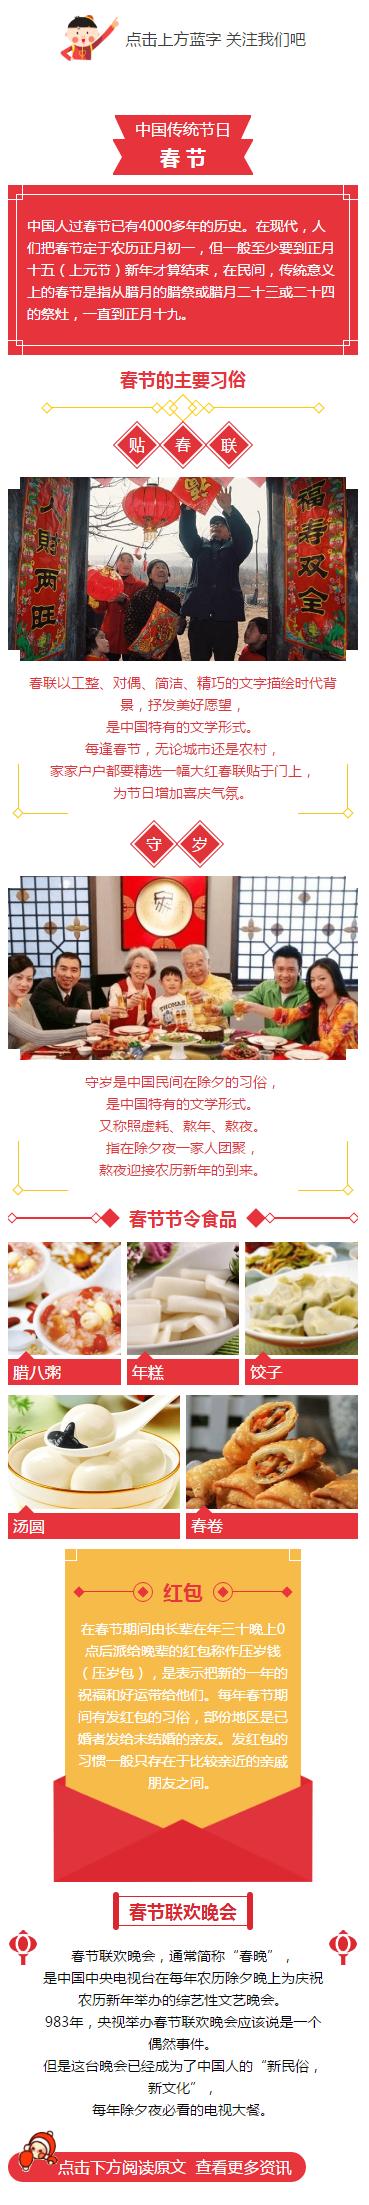 春节、中国传统节日红色喜庆素材文章模板